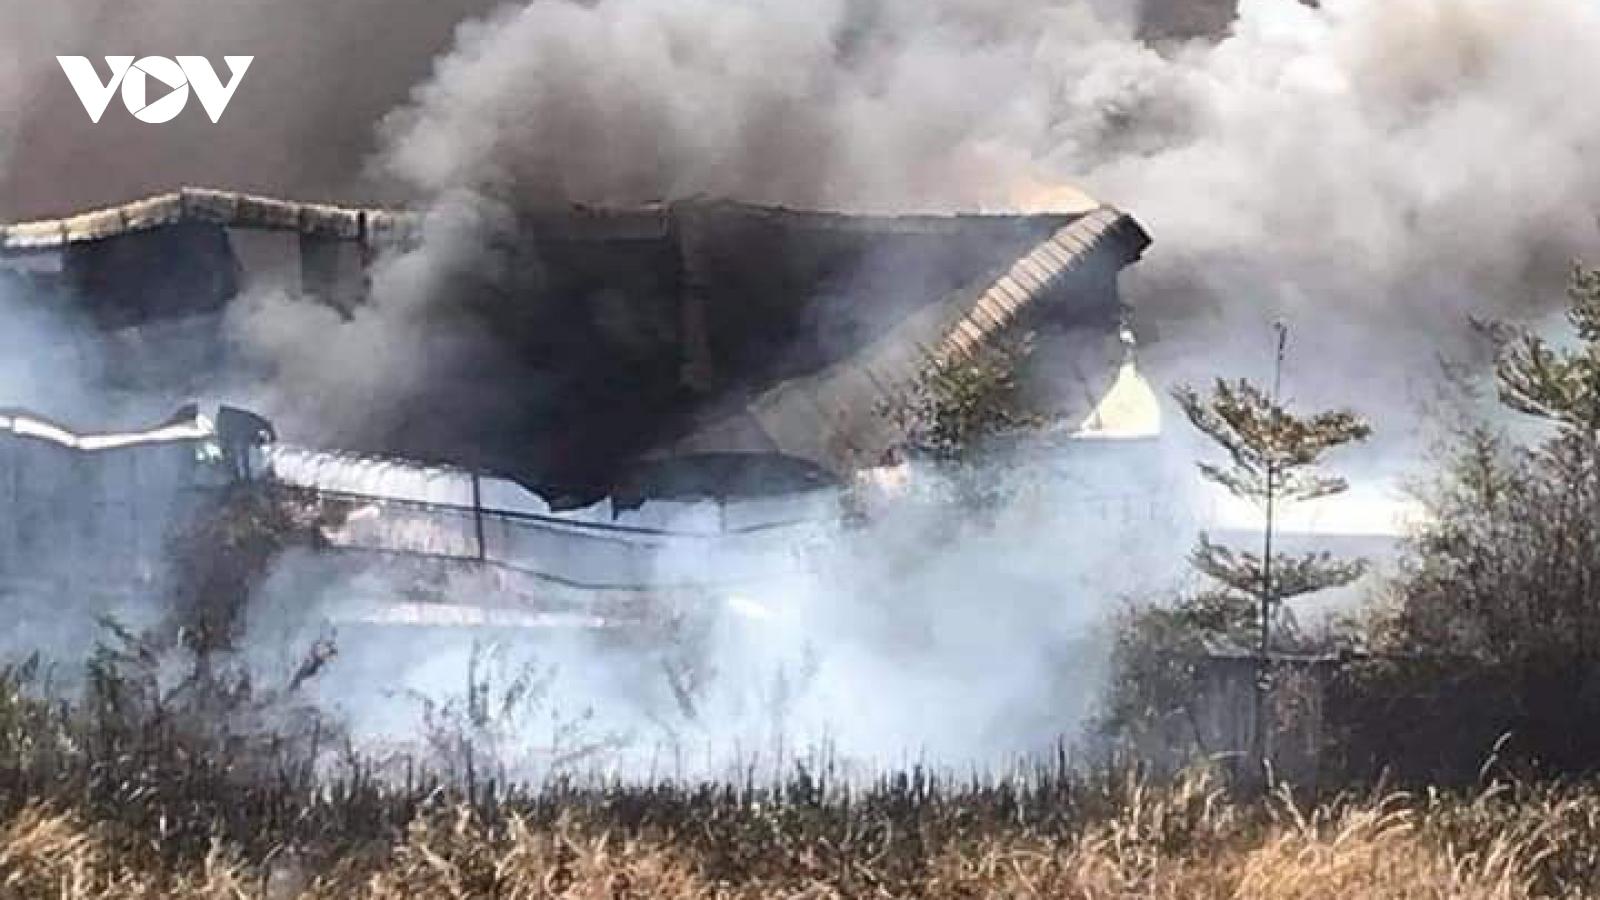 Bãi cỏ khô cháy lan sang nhà xưởng công ty rộng hàng nghìn m2 ở Bình Dương